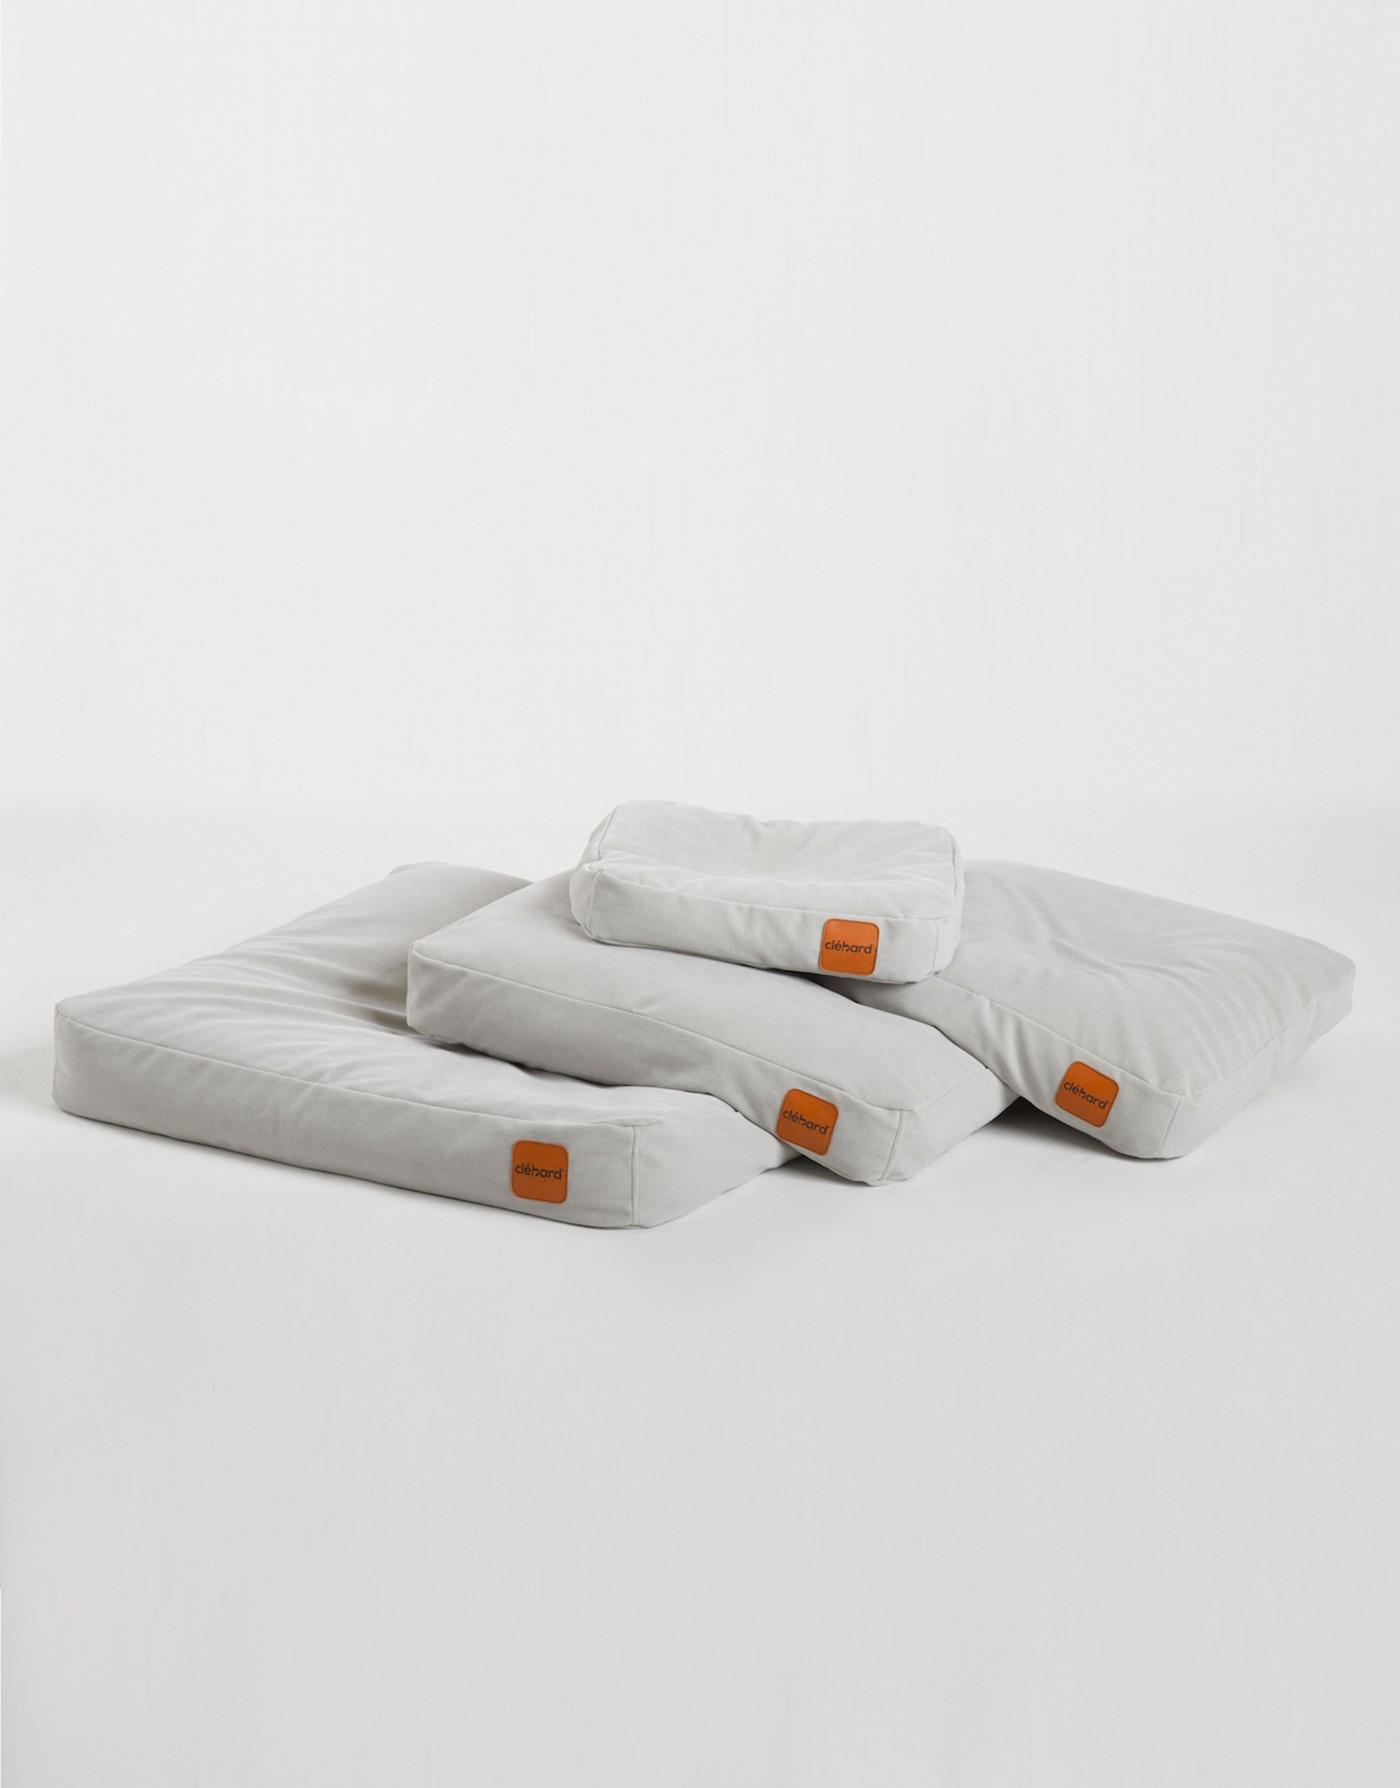 Resistant dog's bed - Skin